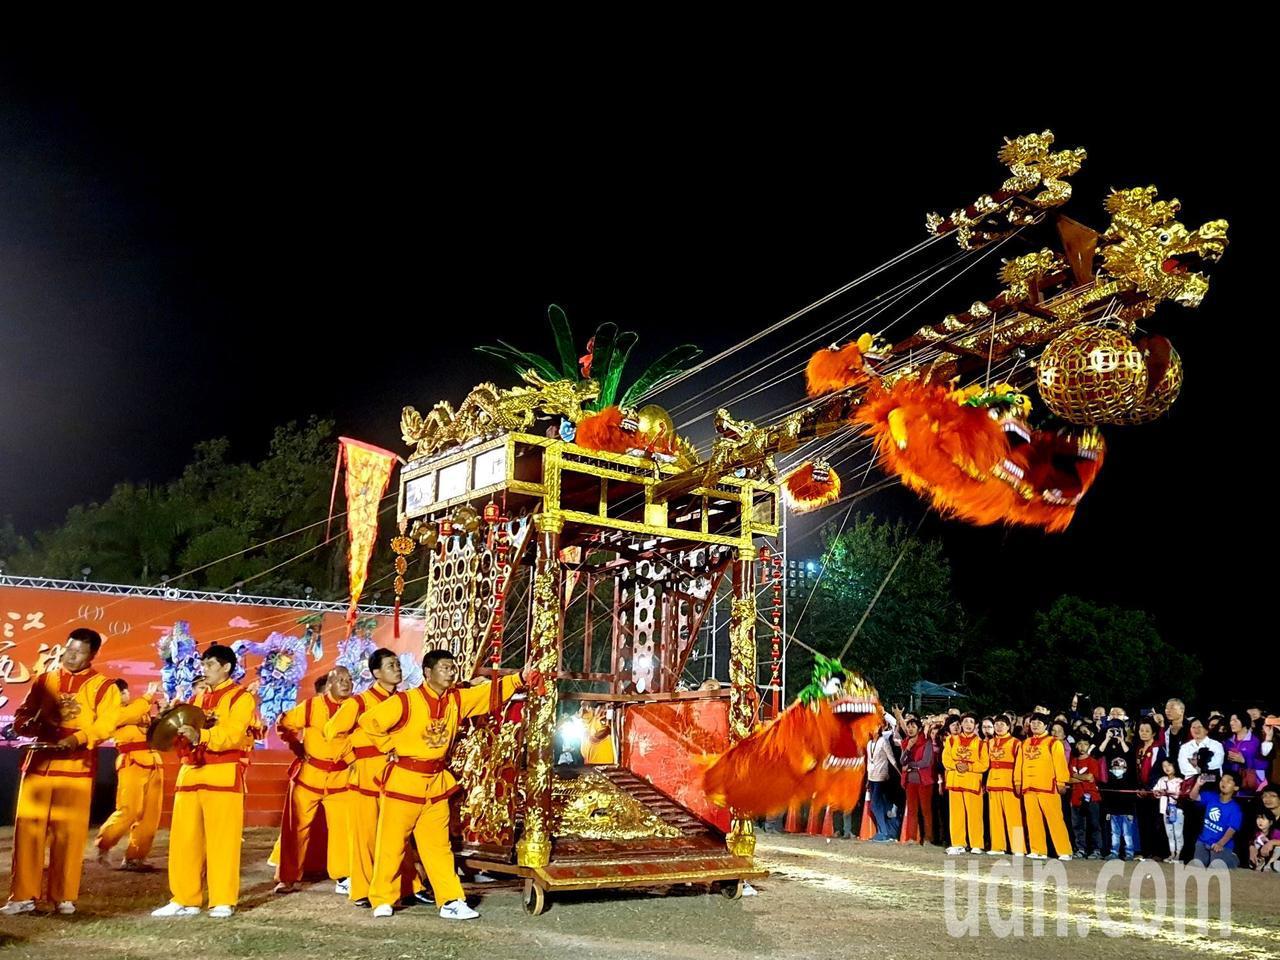 永康九獅圖是浙江鬧元宵獨特舞獅,由獅籠後拉線人操縱纖繩,妙趣橫生,有別於傳統舞獅...